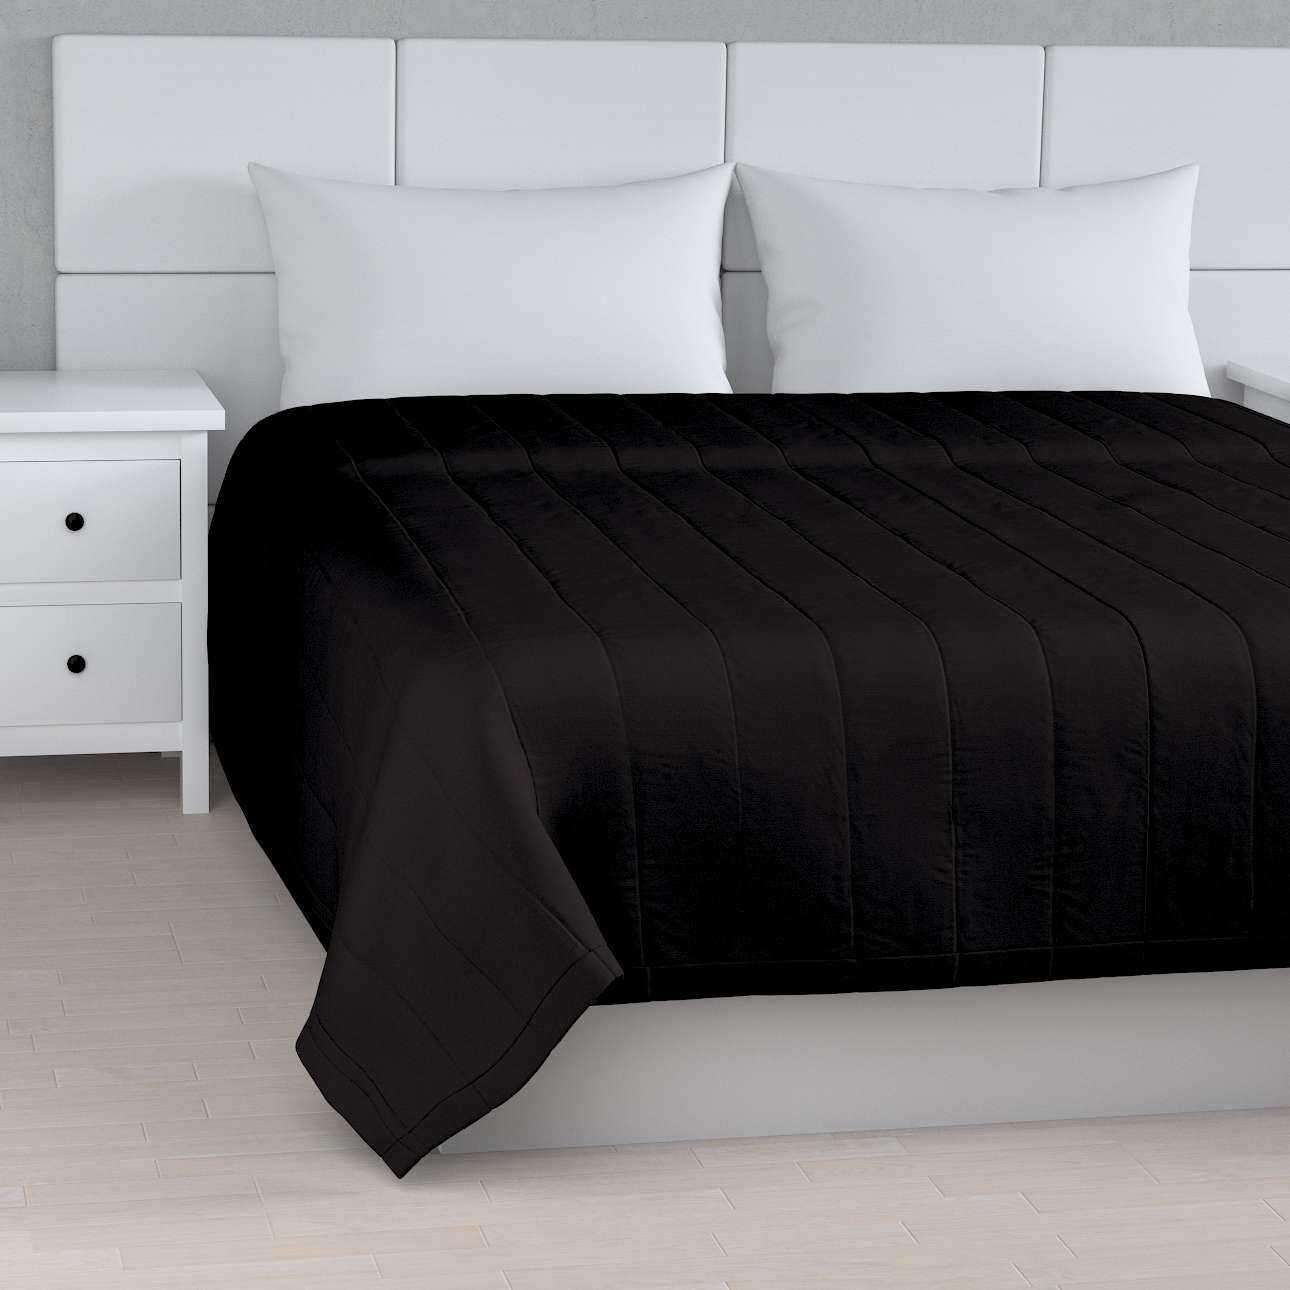 Lovatiesės (vertikaliai dygsniuotos) kolekcijoje Cotton Panama, audinys: 702-09